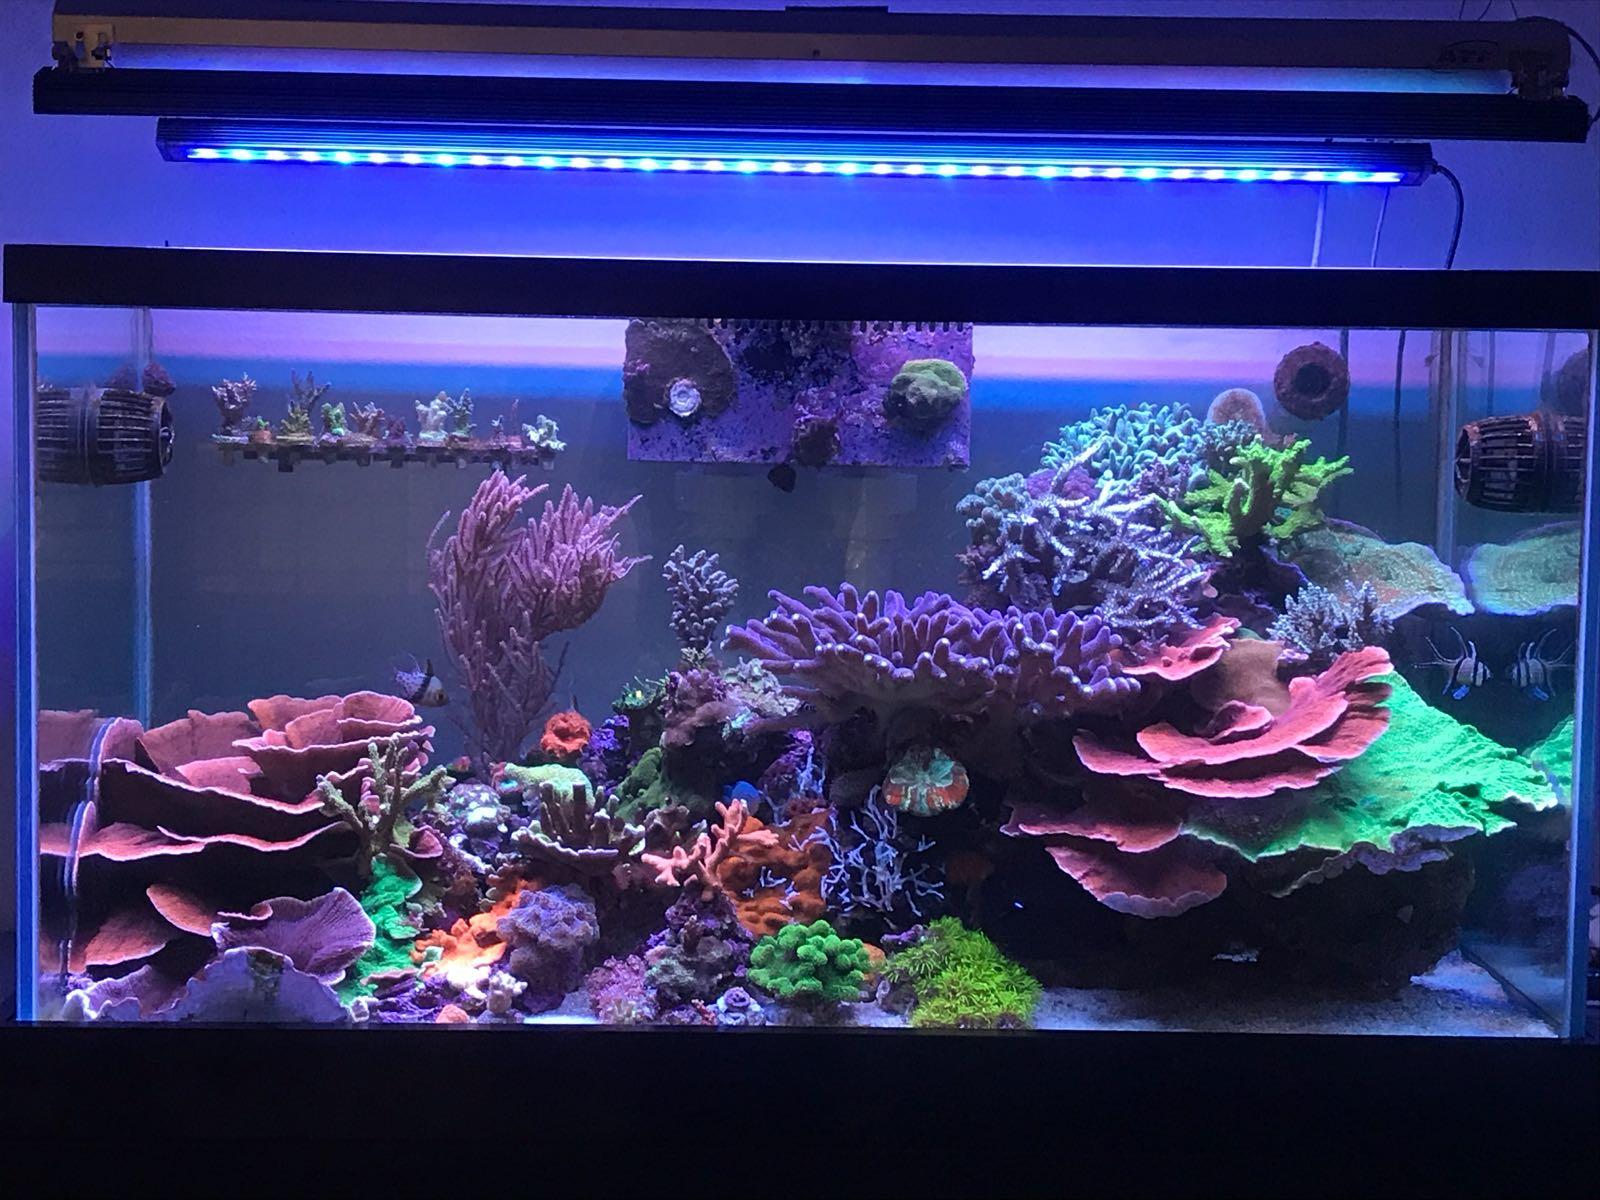 Plafoniera Led Acquario Dolce 120 Cm : O  bar led lighting u orphek aquarium